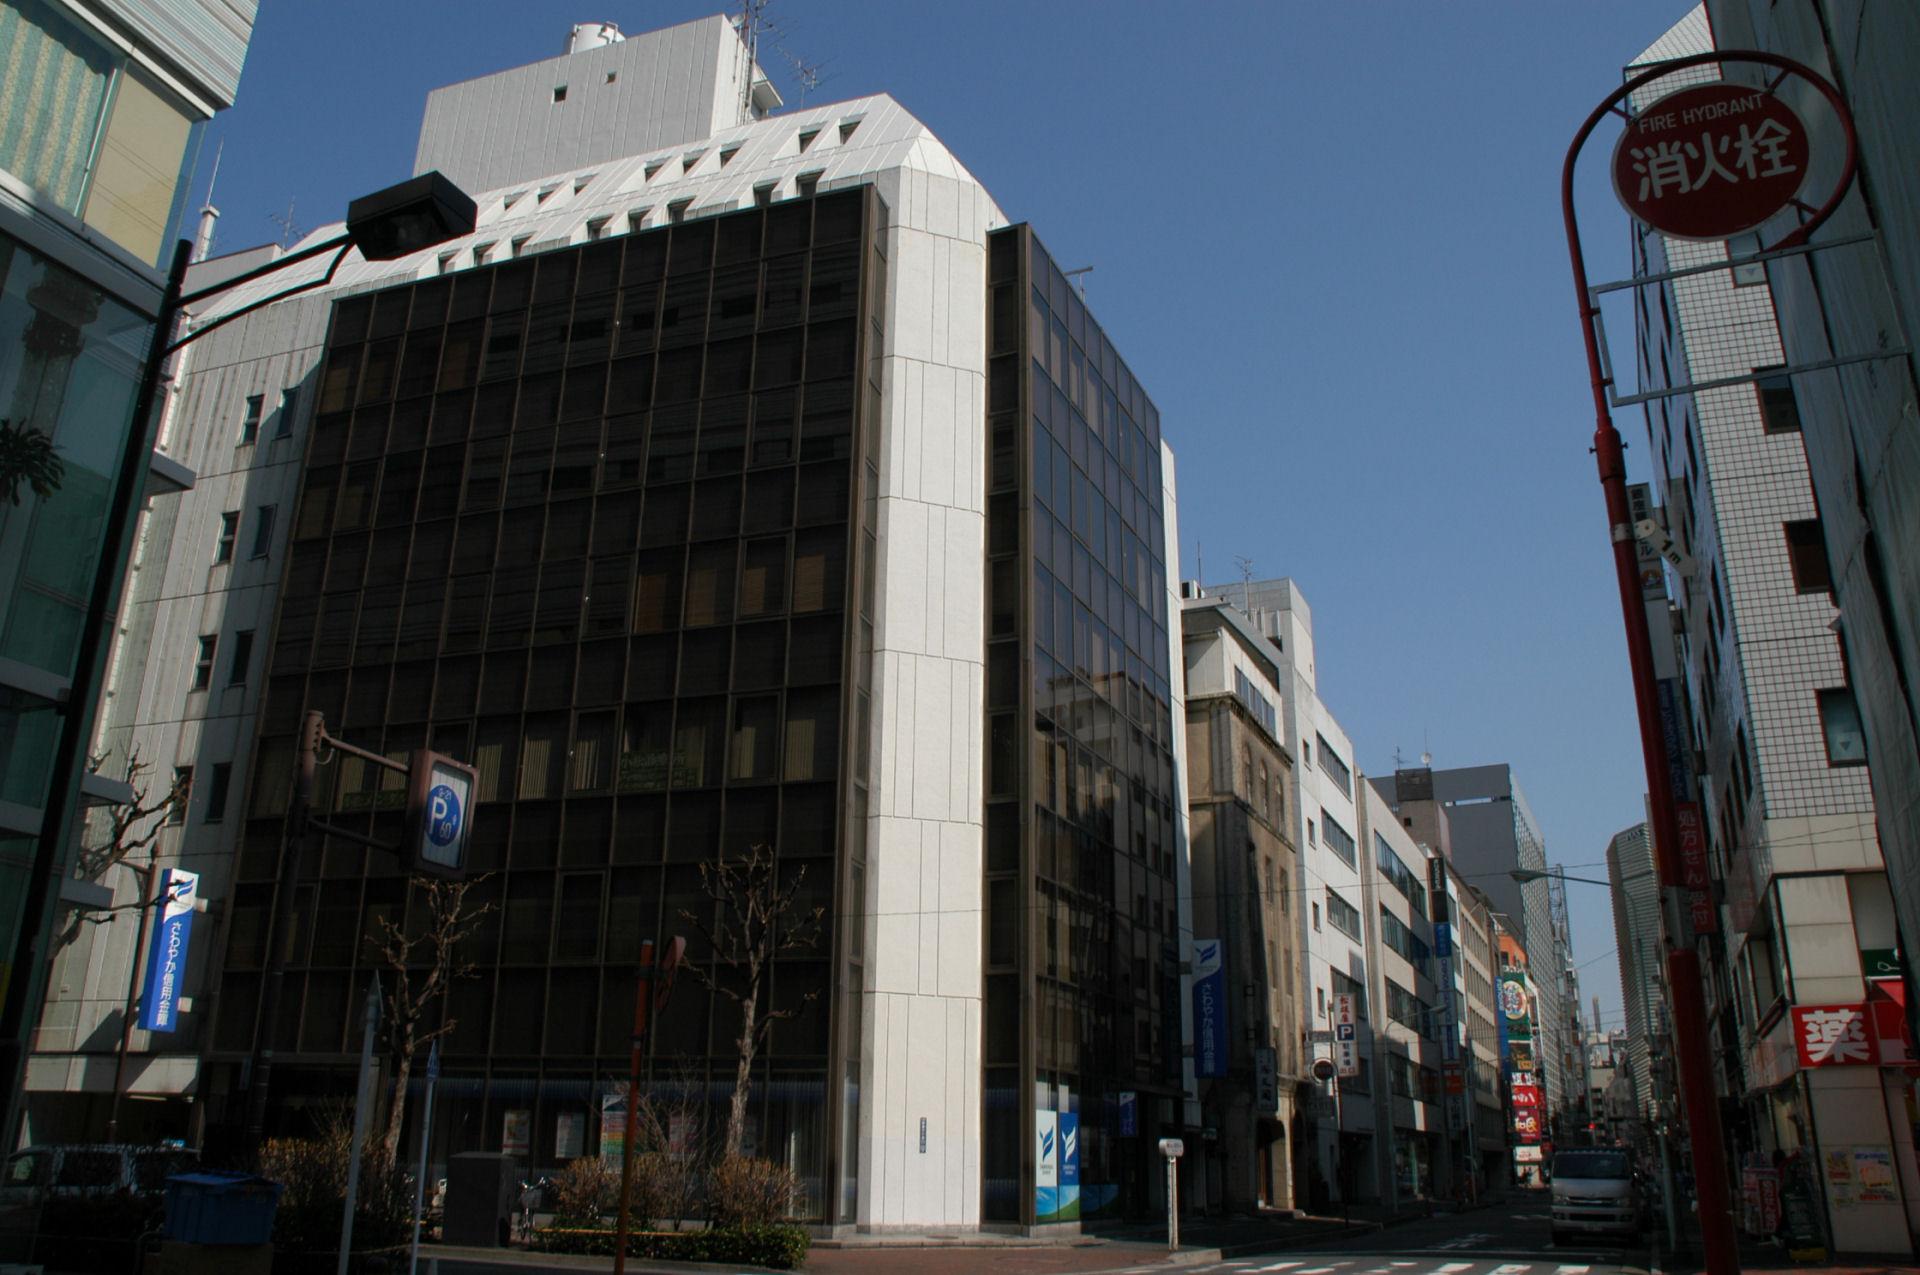 ginzamatsuya0115e.jpg